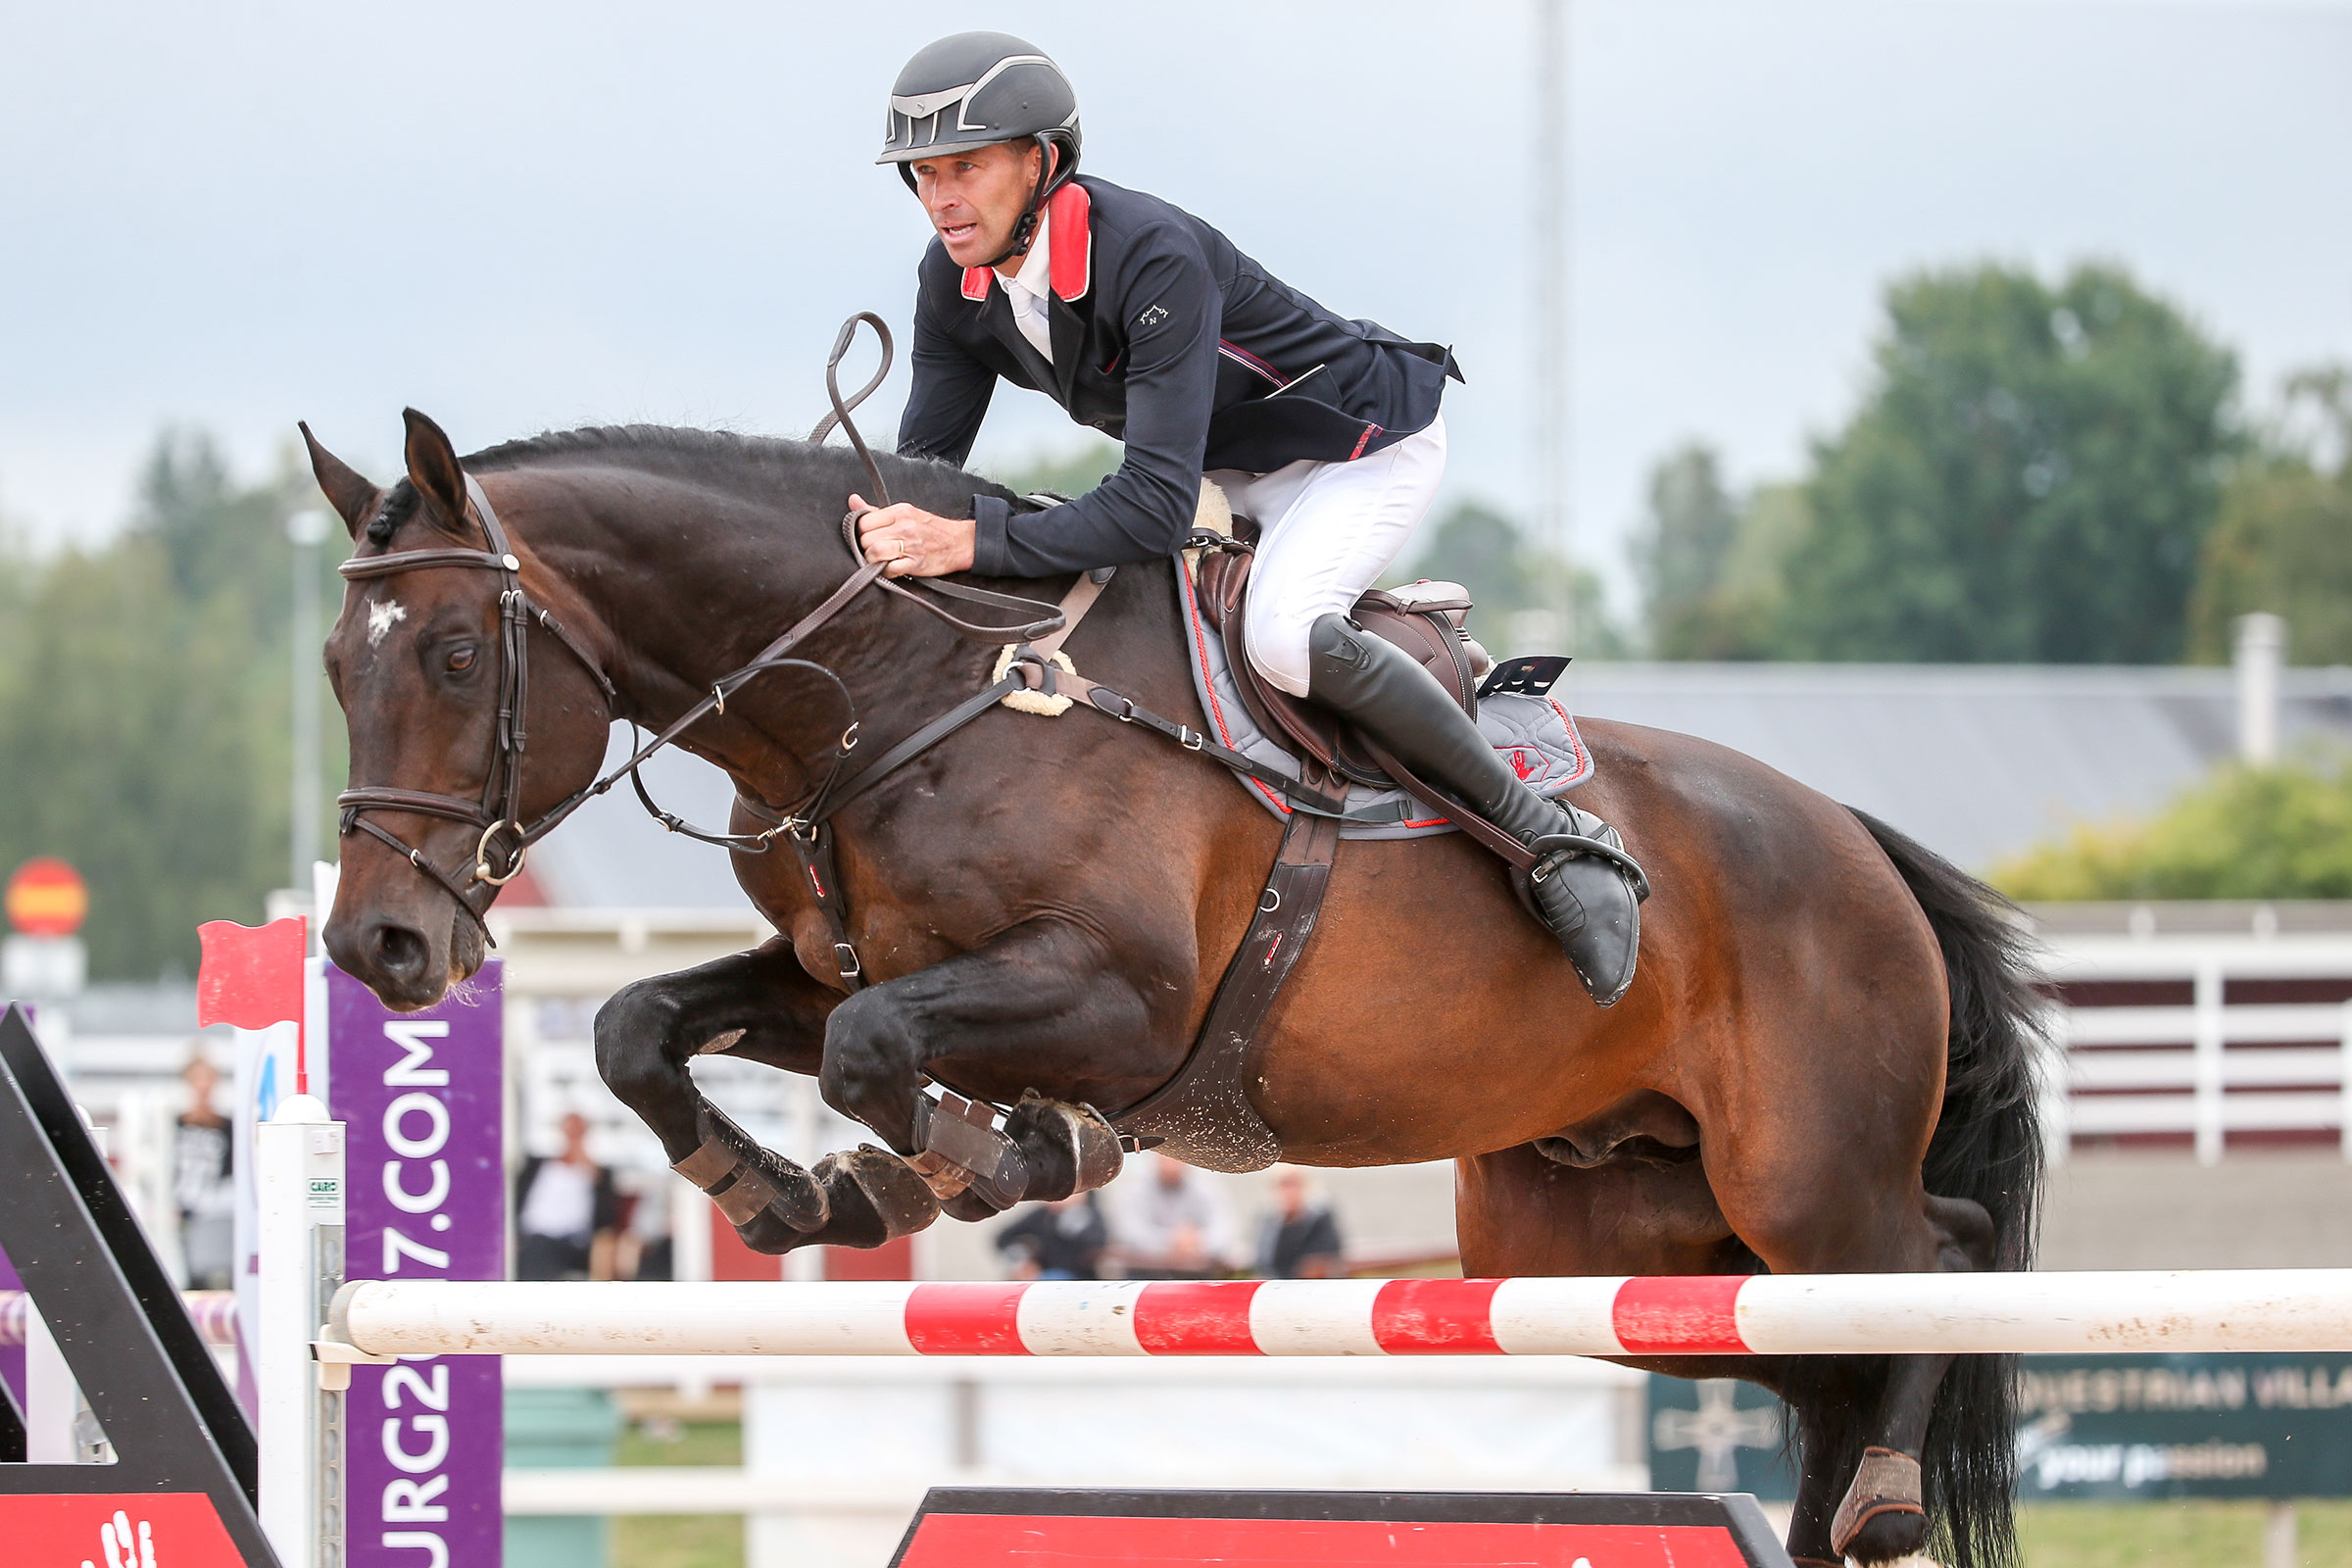 SUNDBYHOM, SVERIGE - 21 AUGUSTI 2016 : Niklas Arvidsson på hästen Click and Cash 1155 rider SM-final för seniorer, Sundbyholms travbana den 21 augusti i Sundbyhom ( Foto: Fredrik Jonsving )